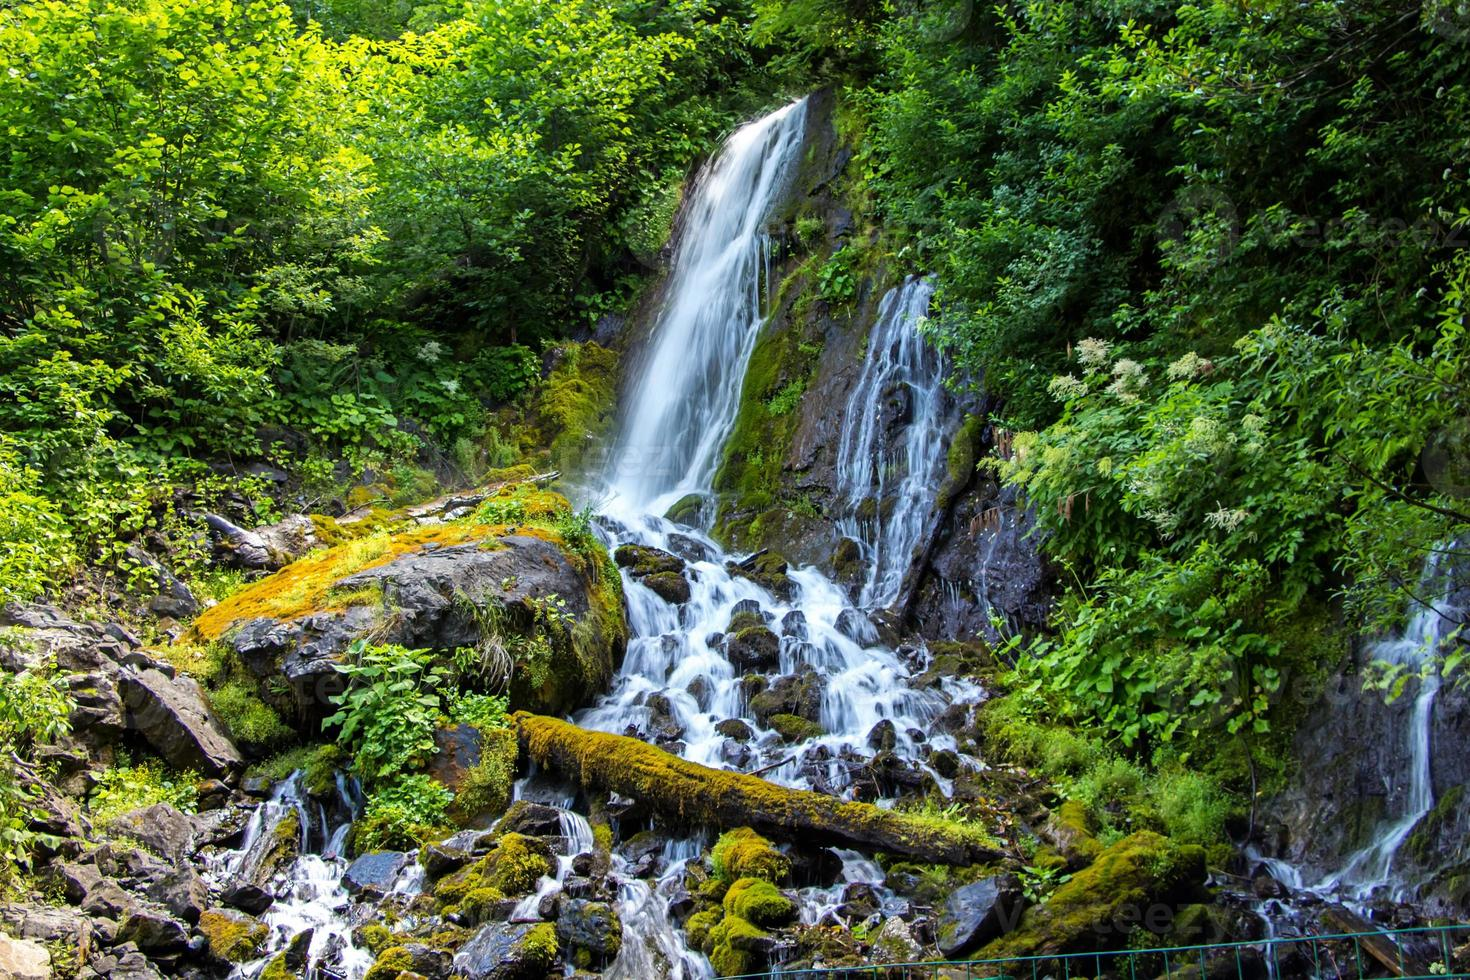 foto della cascata nelle montagne verdi